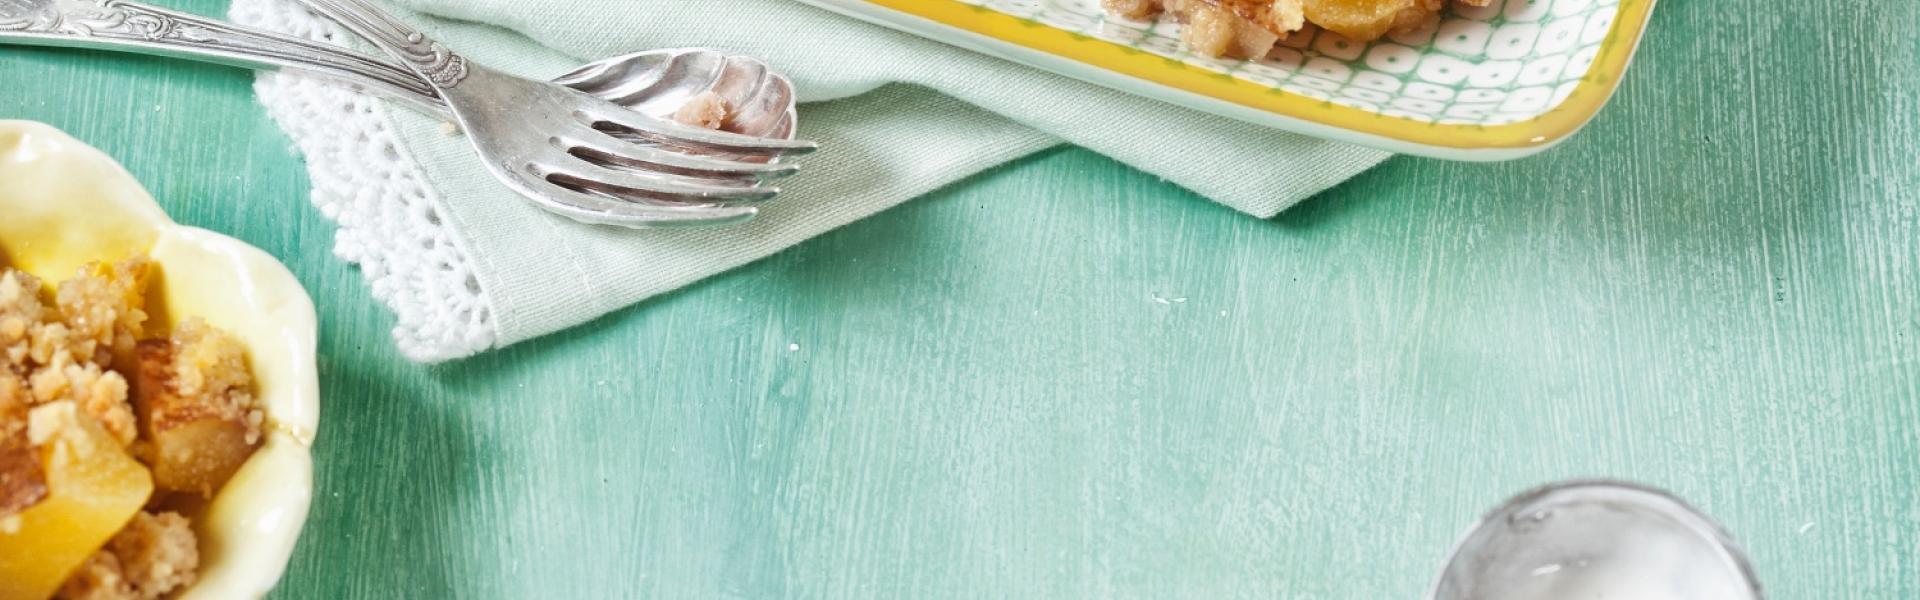 Birnen Crumble serviert mit einer Kugel Vanilleeis.